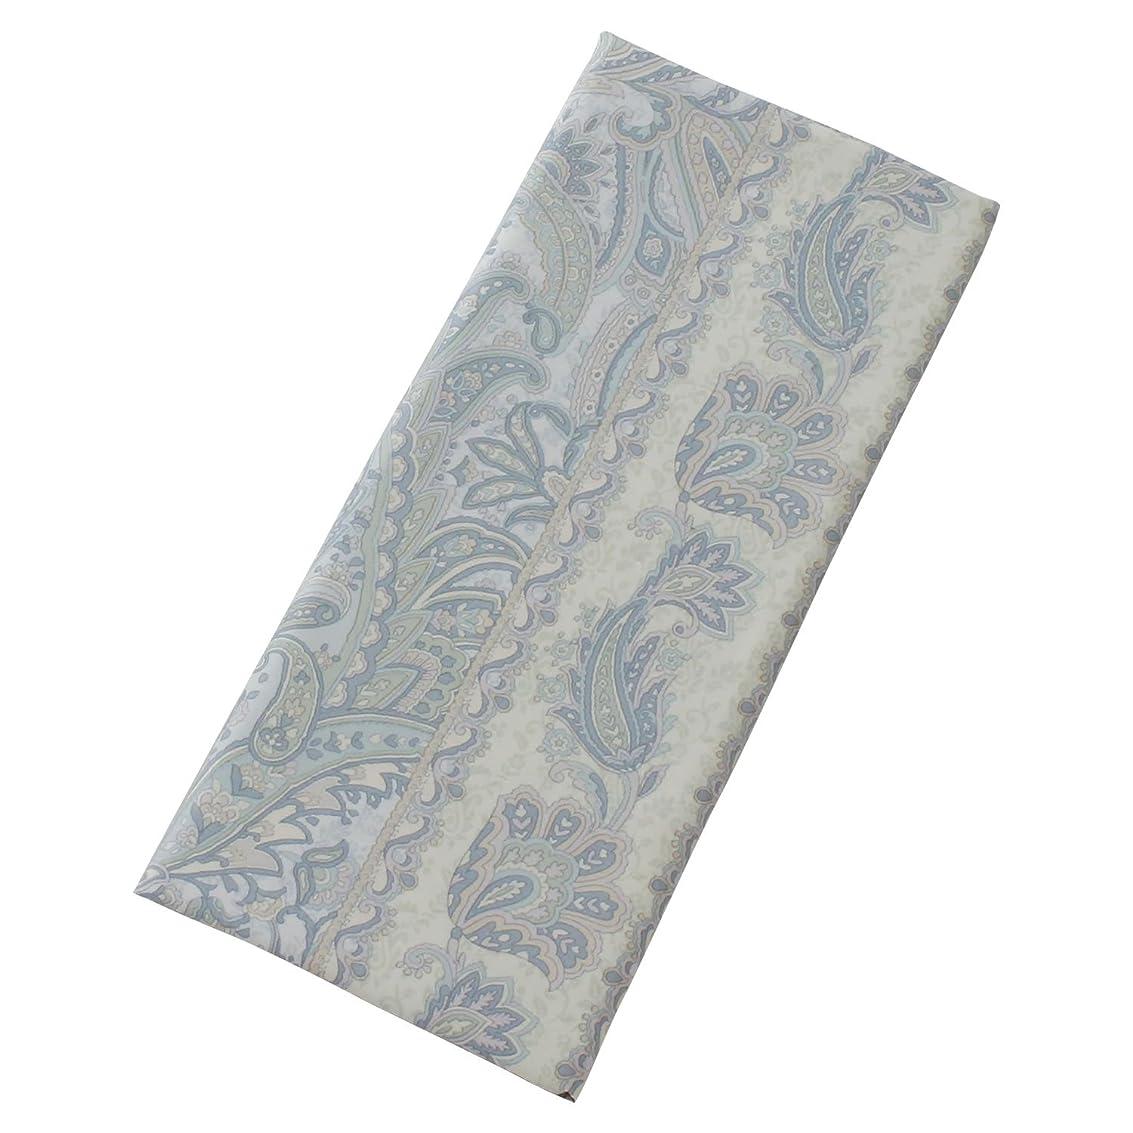 喉頭意図する冷酷な伊藤清商店 ピローケース ブルー サイズ/35cm×50cm ピロケースヴェルサイユ